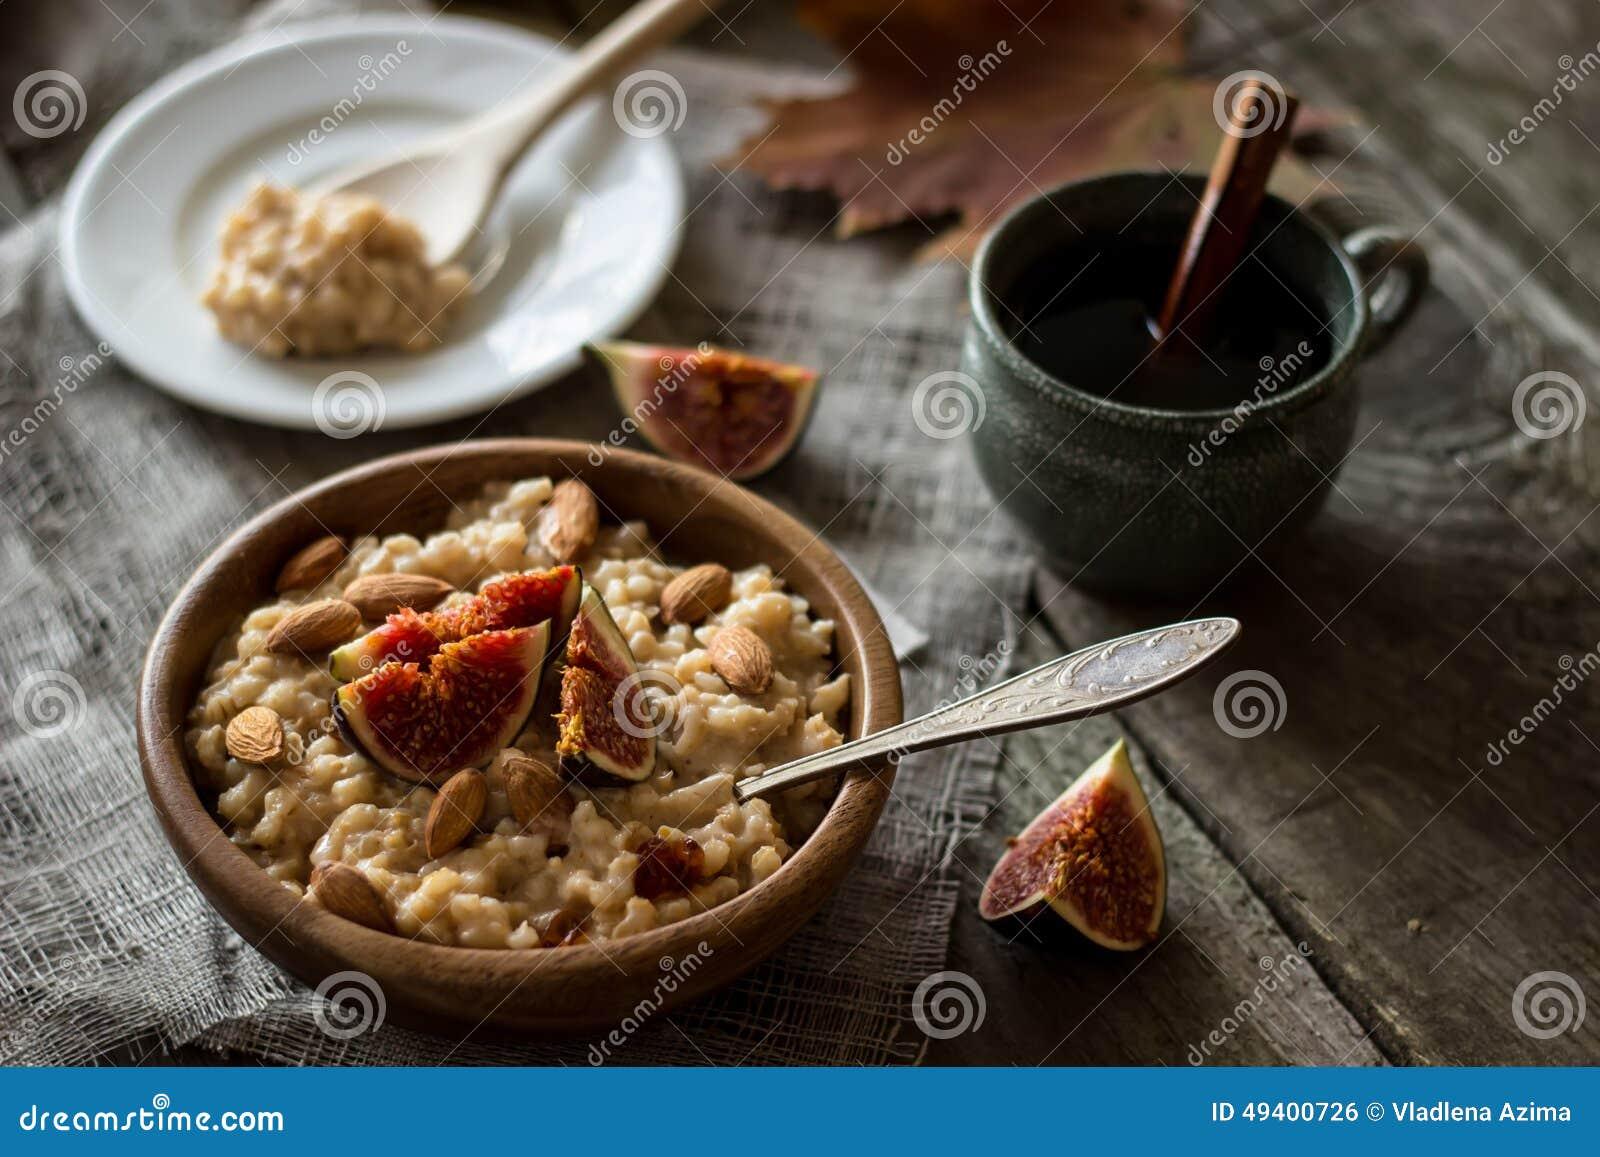 Download Frühstücksperlegerstenbrei Mit Einer Feige Stockfoto - Bild von weinlese, feige: 49400726